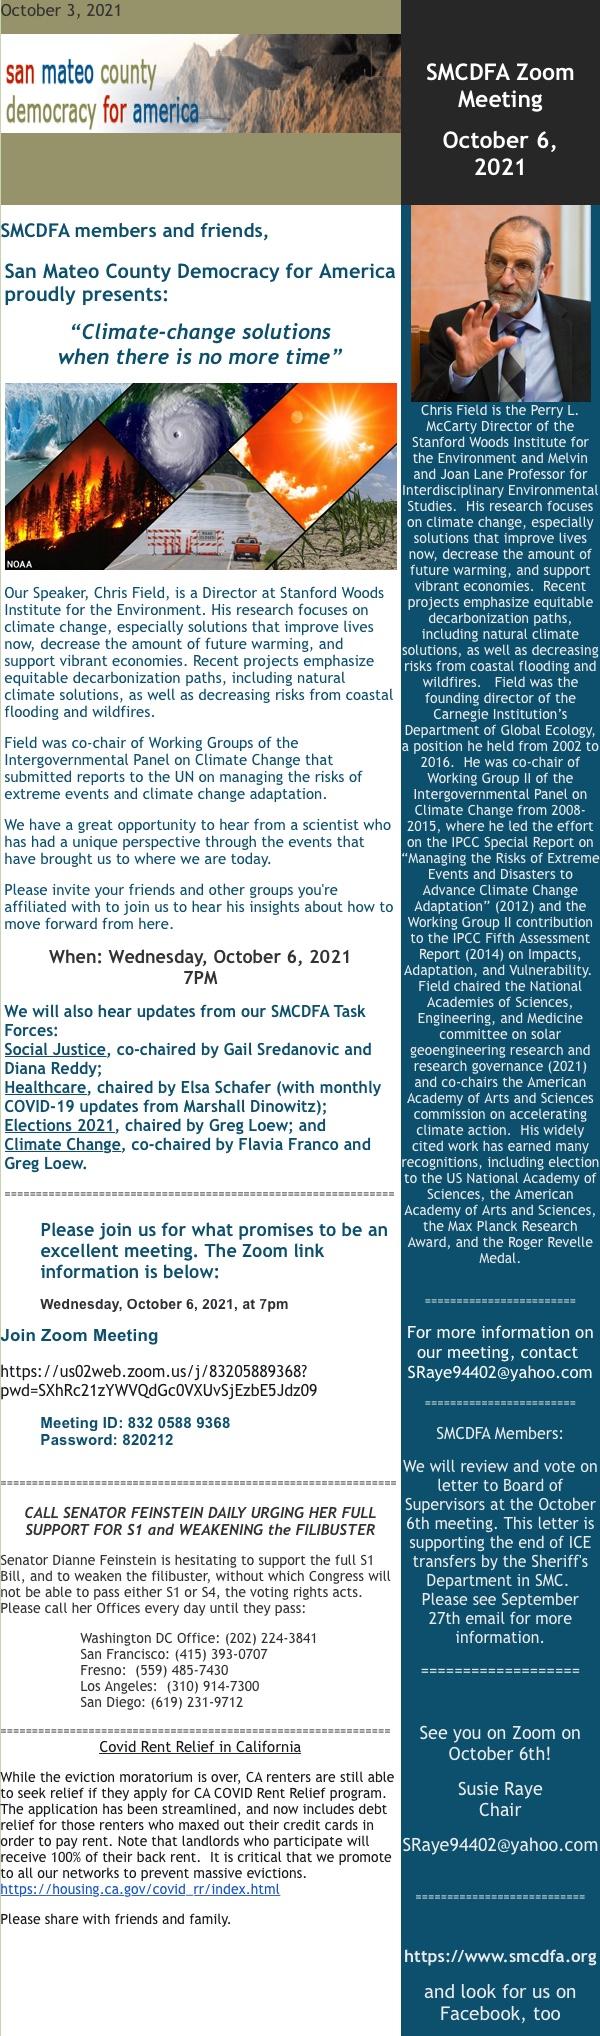 Oct_2021_SMCDFA_Newsletter.jpg